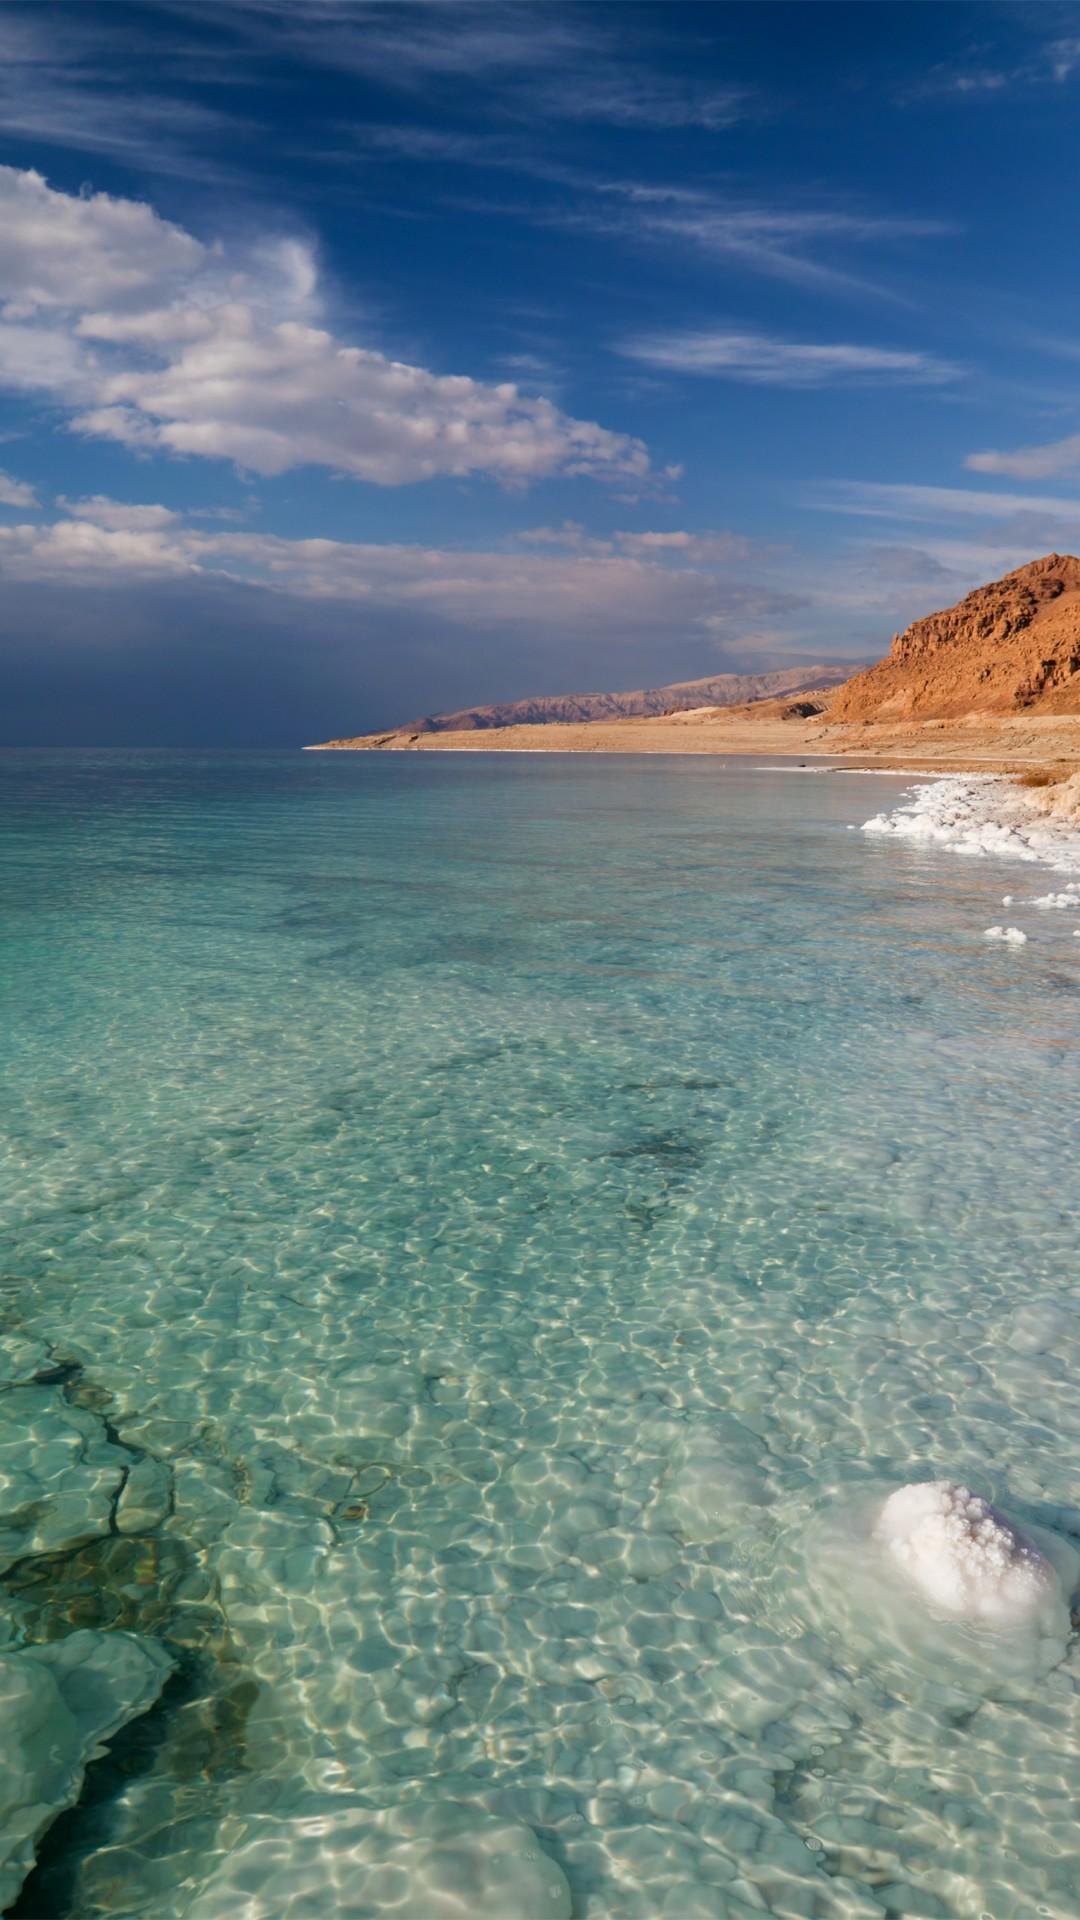 Wallpaper Dead Sea 5k 4k Wallpaper Israel Palestine